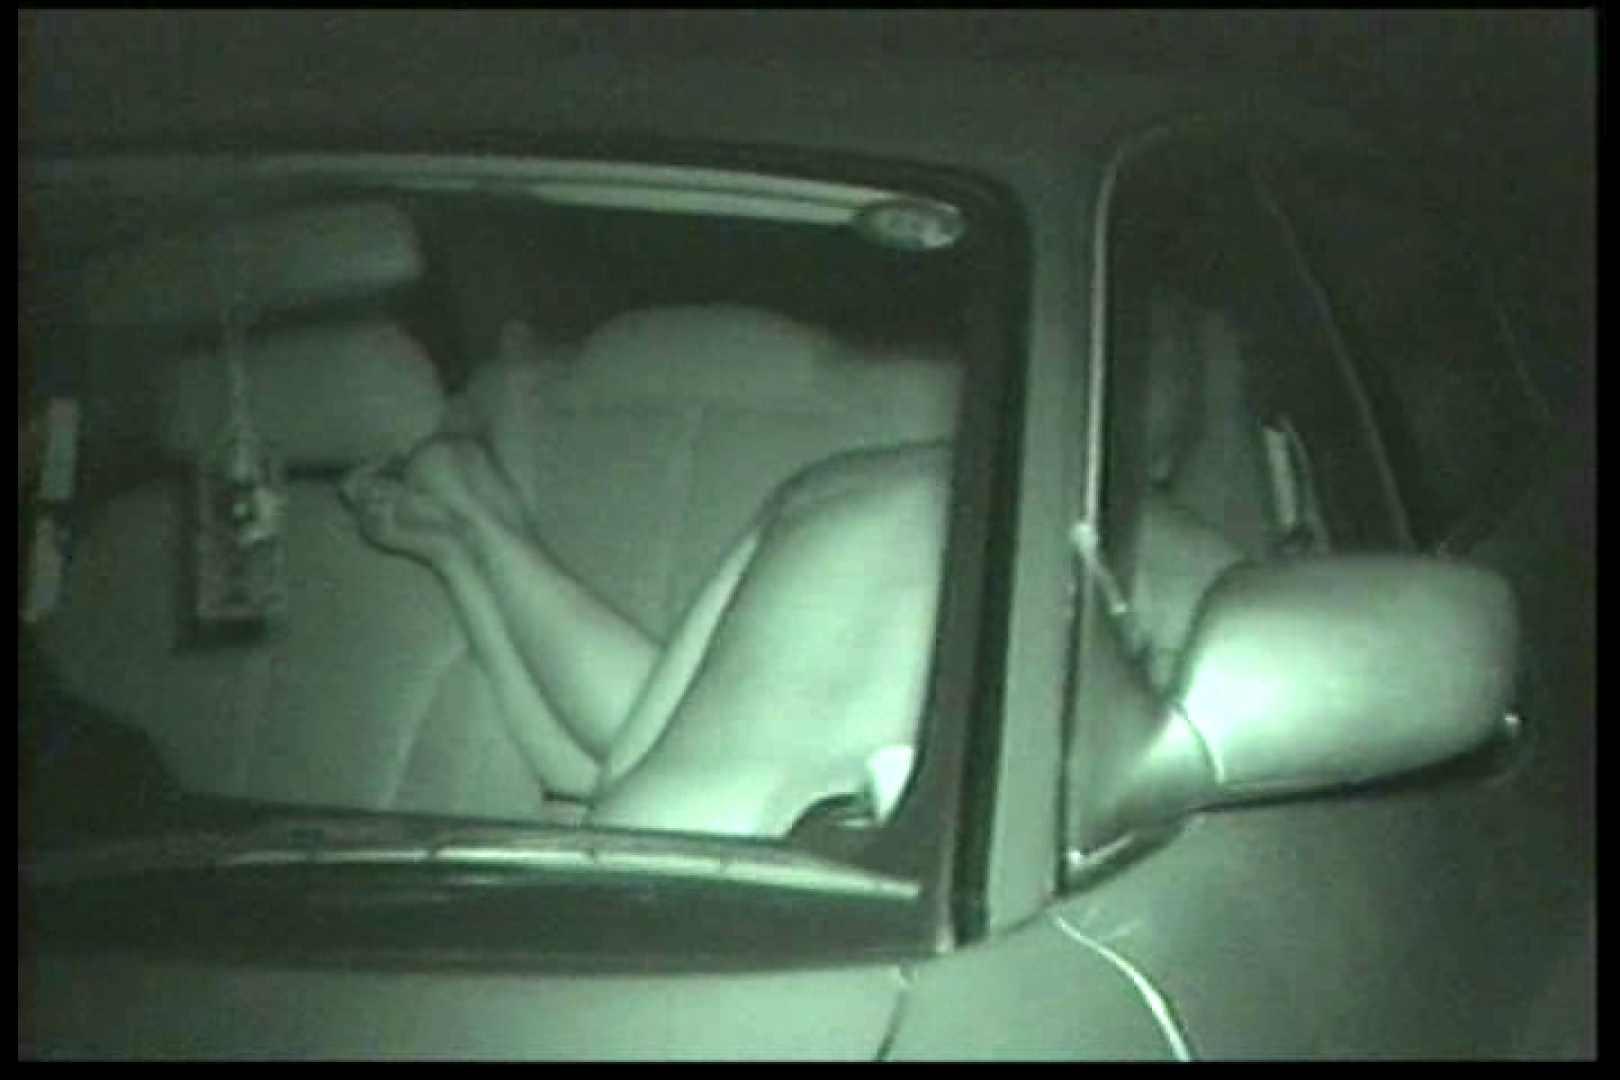 車の中はラブホテル 無修正版  Vol.15 手マン 隠し撮りオマンコ動画紹介 73連発 39